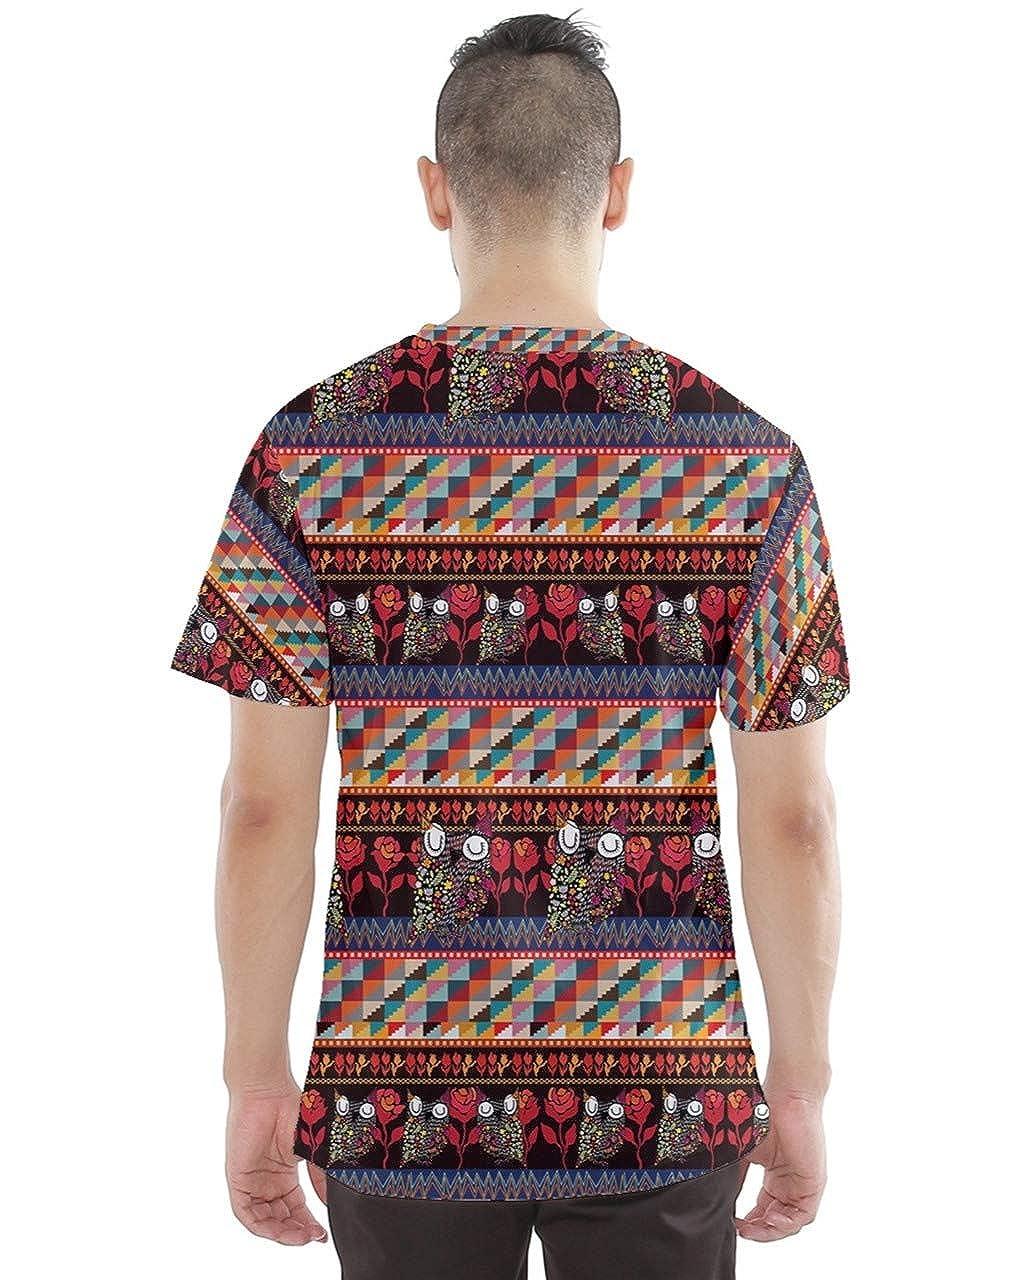 Amazon.com: CowCow - Camiseta para hombre, diseño de búhos ...